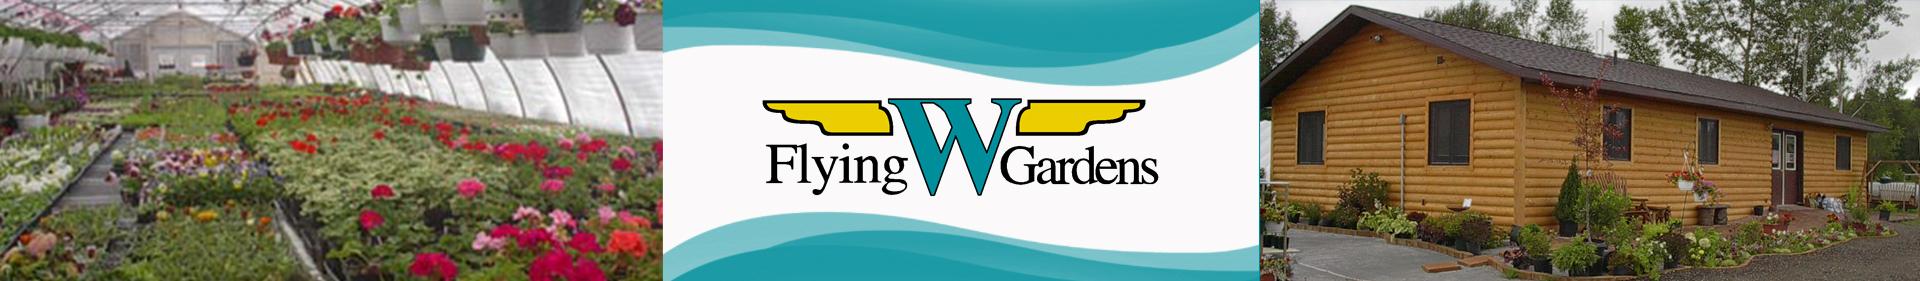 Flying W Gardens Garden Center